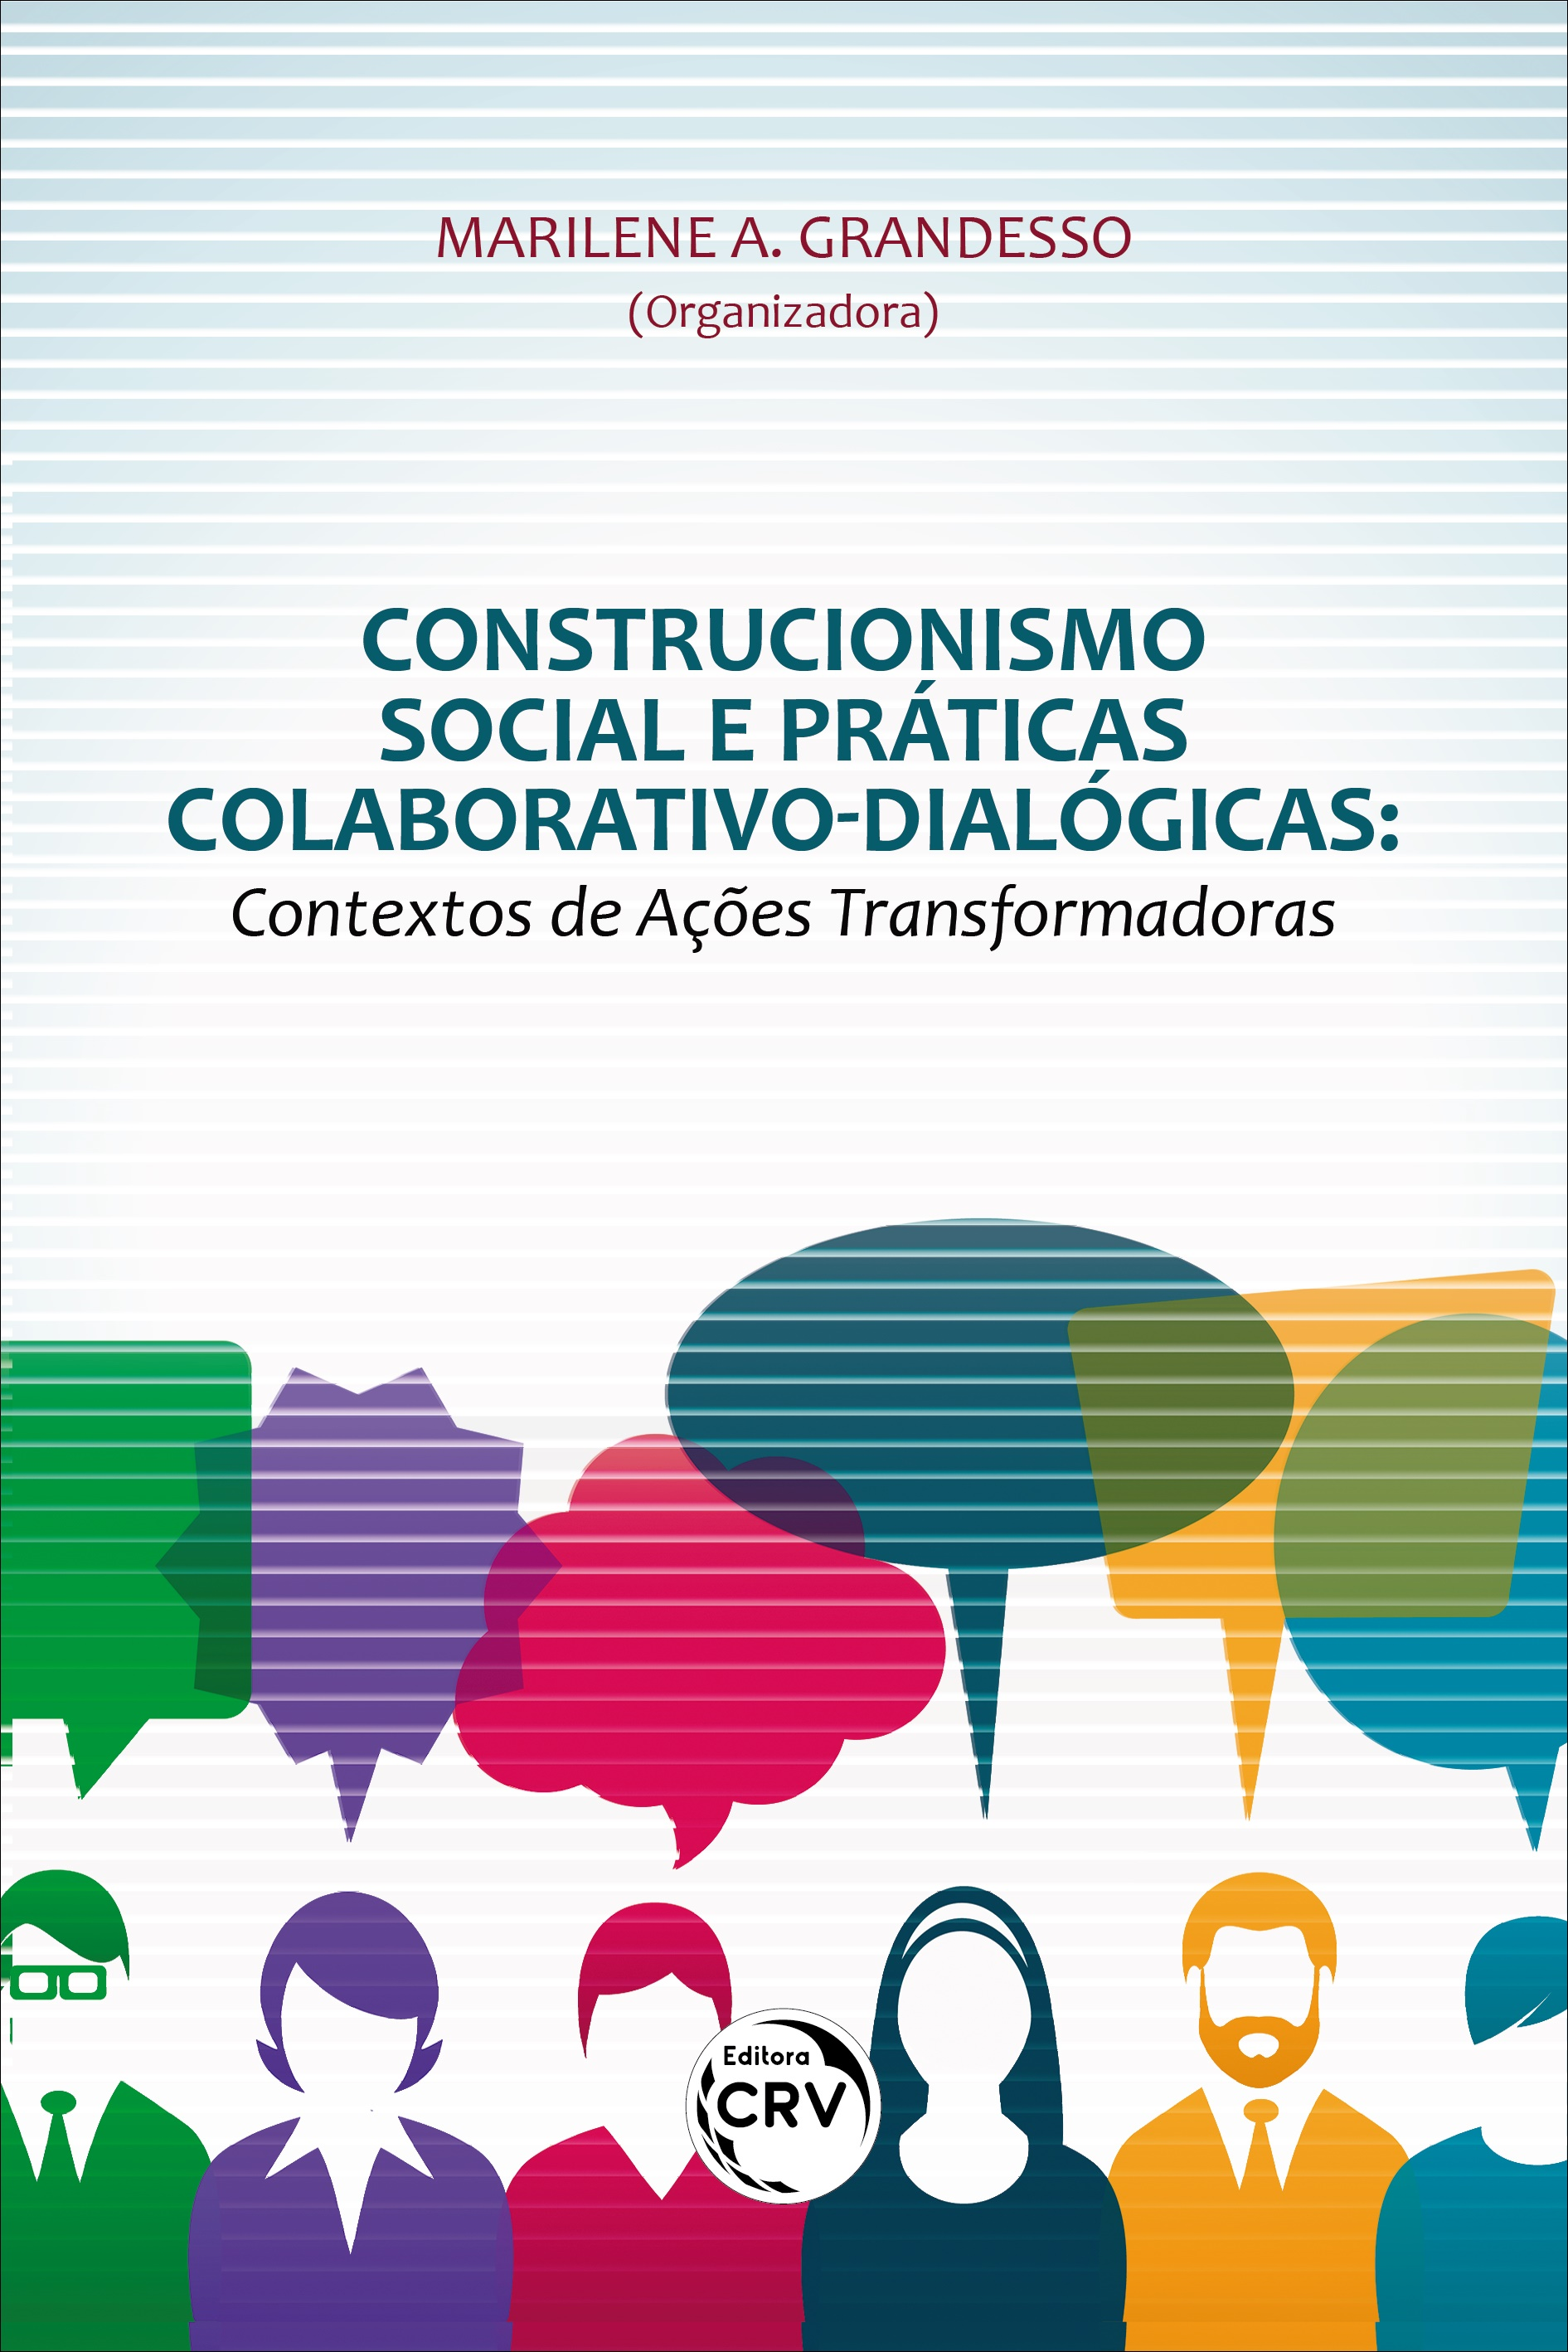 Capa do livro: CONSTRUCIONISMO SOCIAL E PRÁTICAS COLABORATIVO-DIALÓGICAS: <br> contextos de ações transformadoras